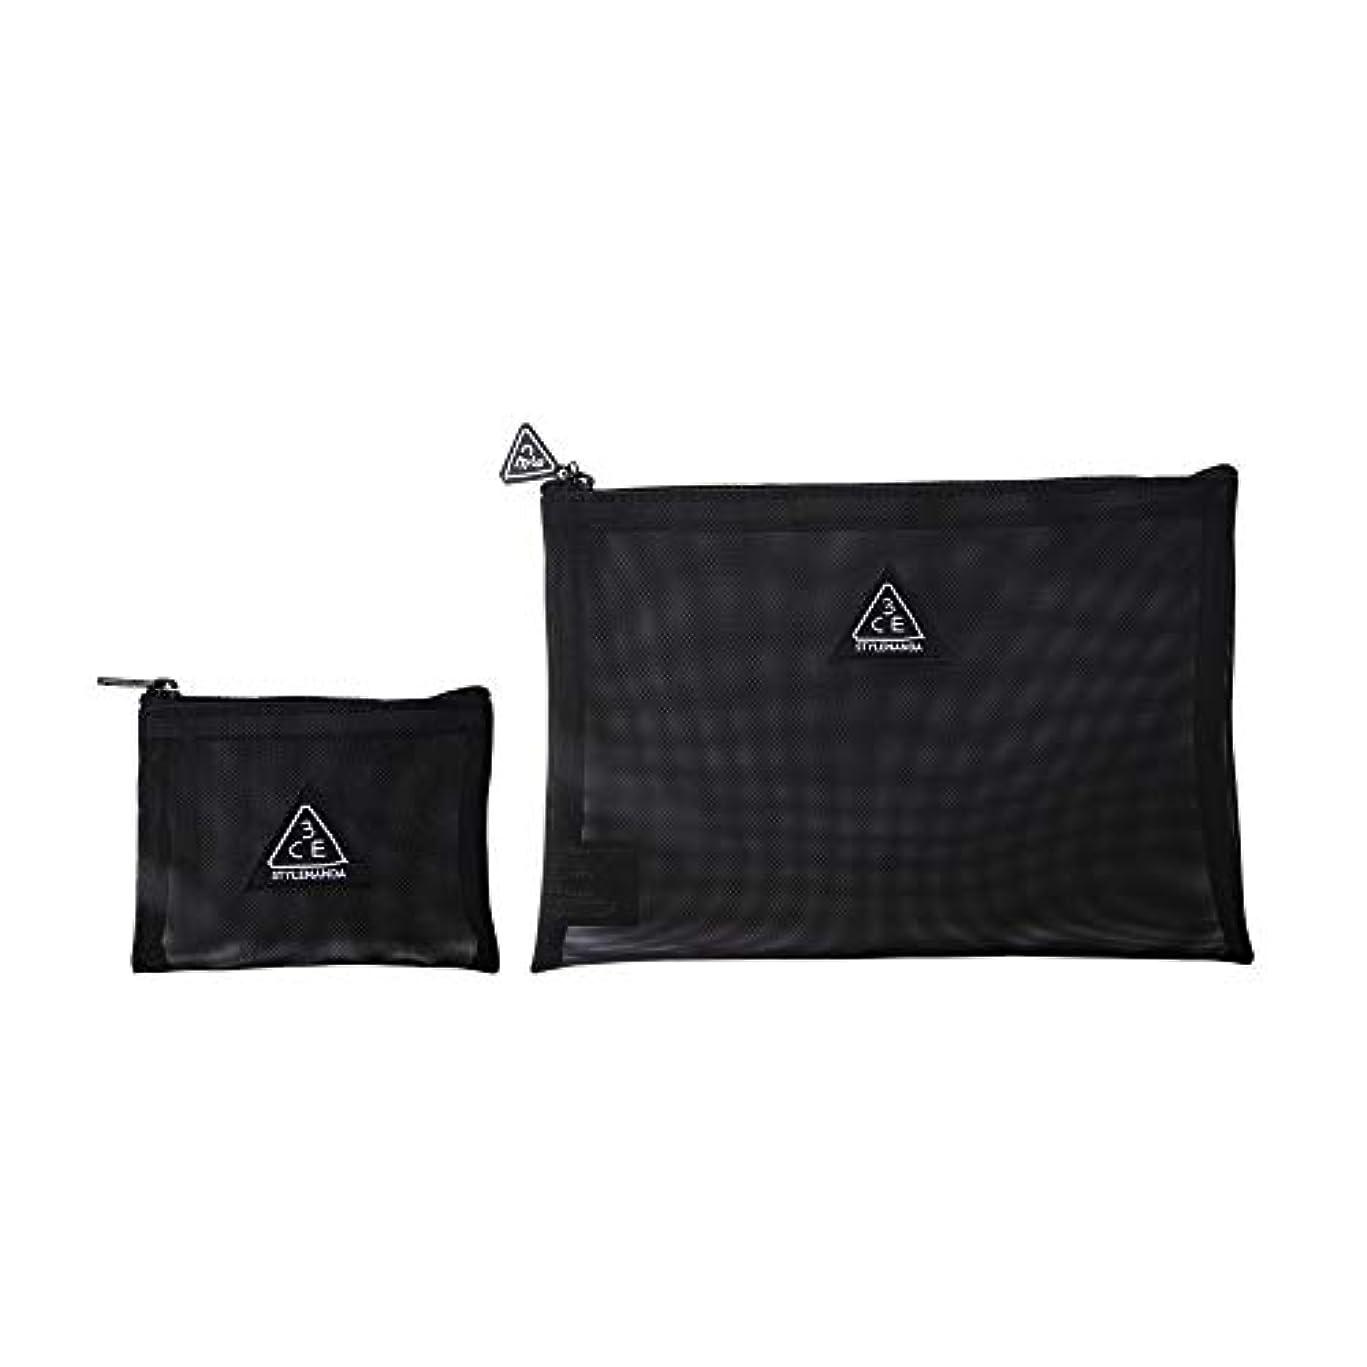 マガジン徹底的に瞑想3CE メッシュ ポーチ(ブラック) / 3CE MESH POUCH (Black) [並行輸入品]